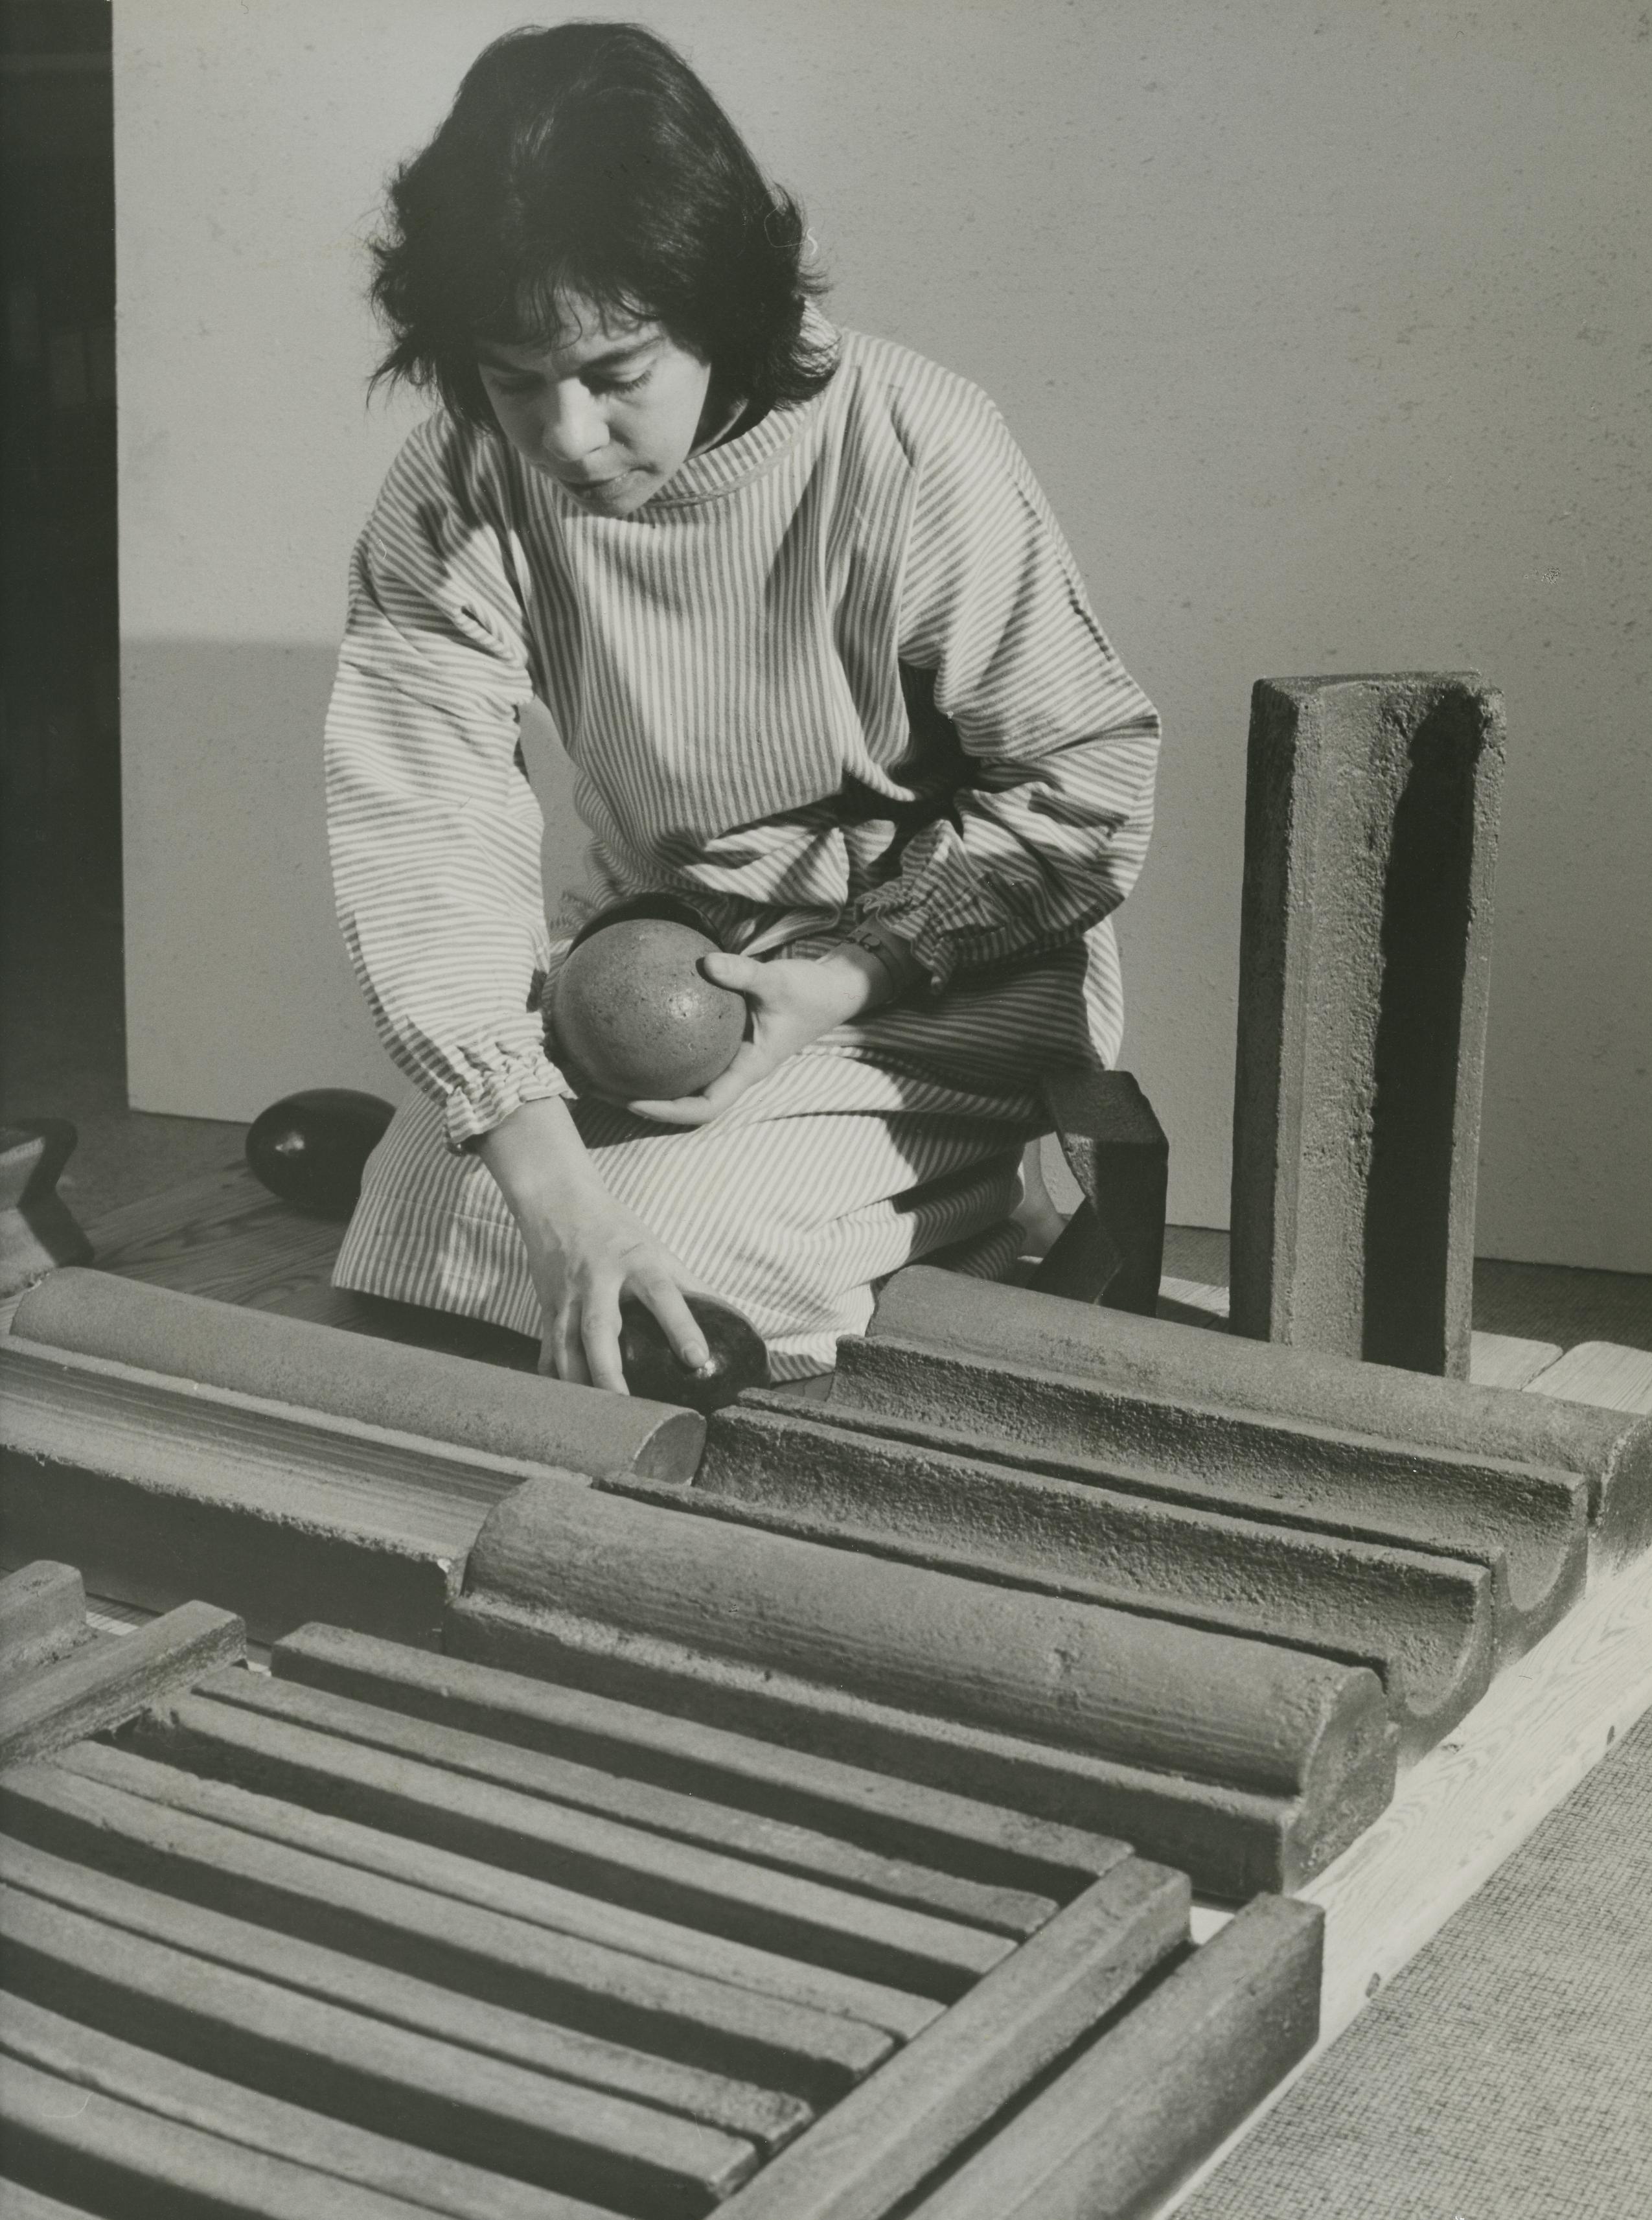 Karin Björquist, circa 1960s. Photo: Hilding Ohlson (1909-2002). Värmdö kommun, VKN000749